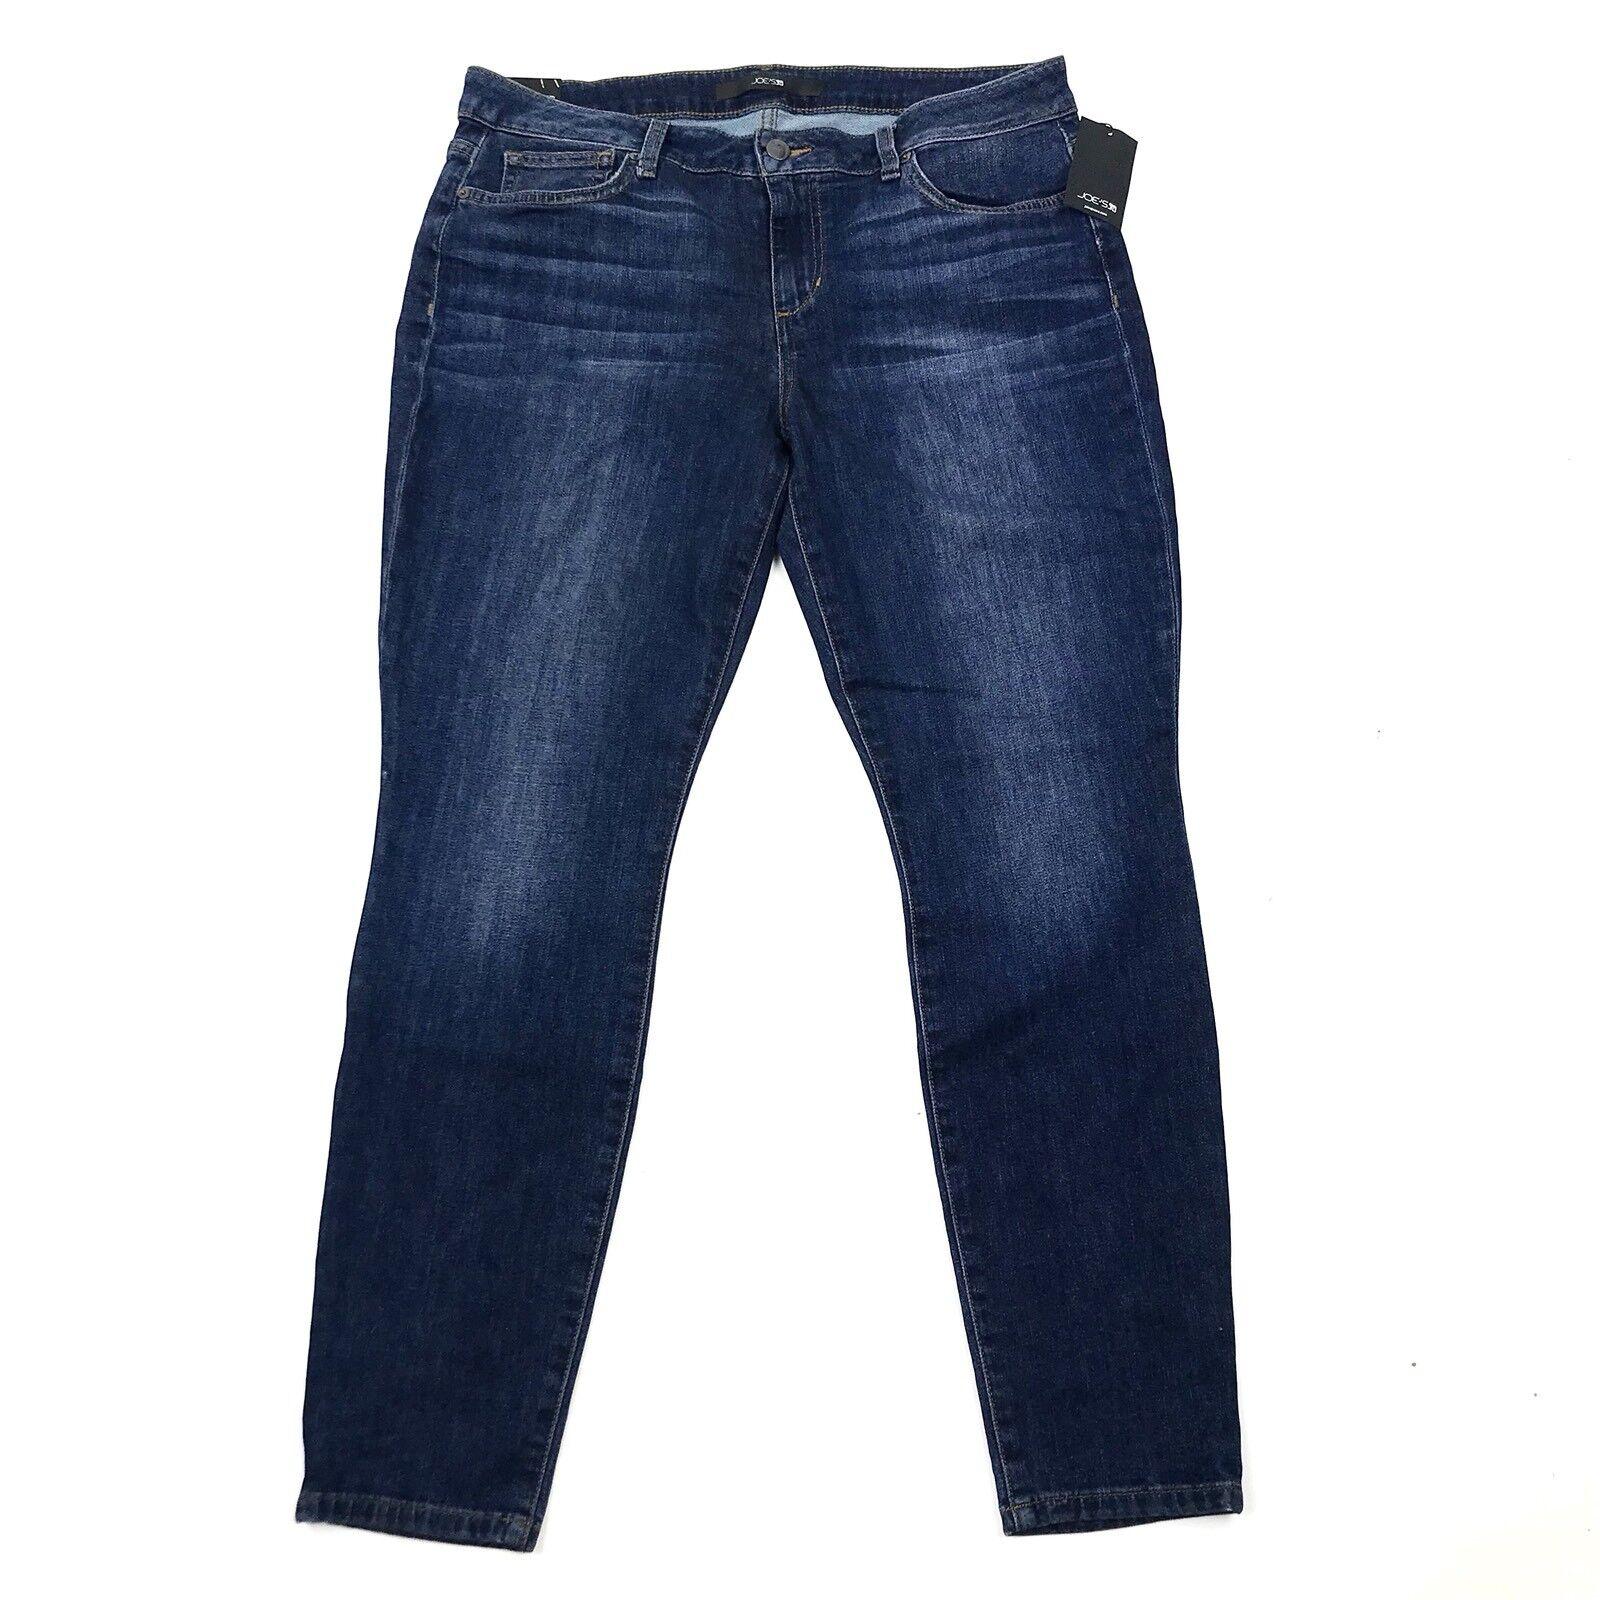 NWT Joe's Jeans Mid Rise Skinny Ankle Dark Wash Katrina Stretch Jeans Sz 32 FLAW